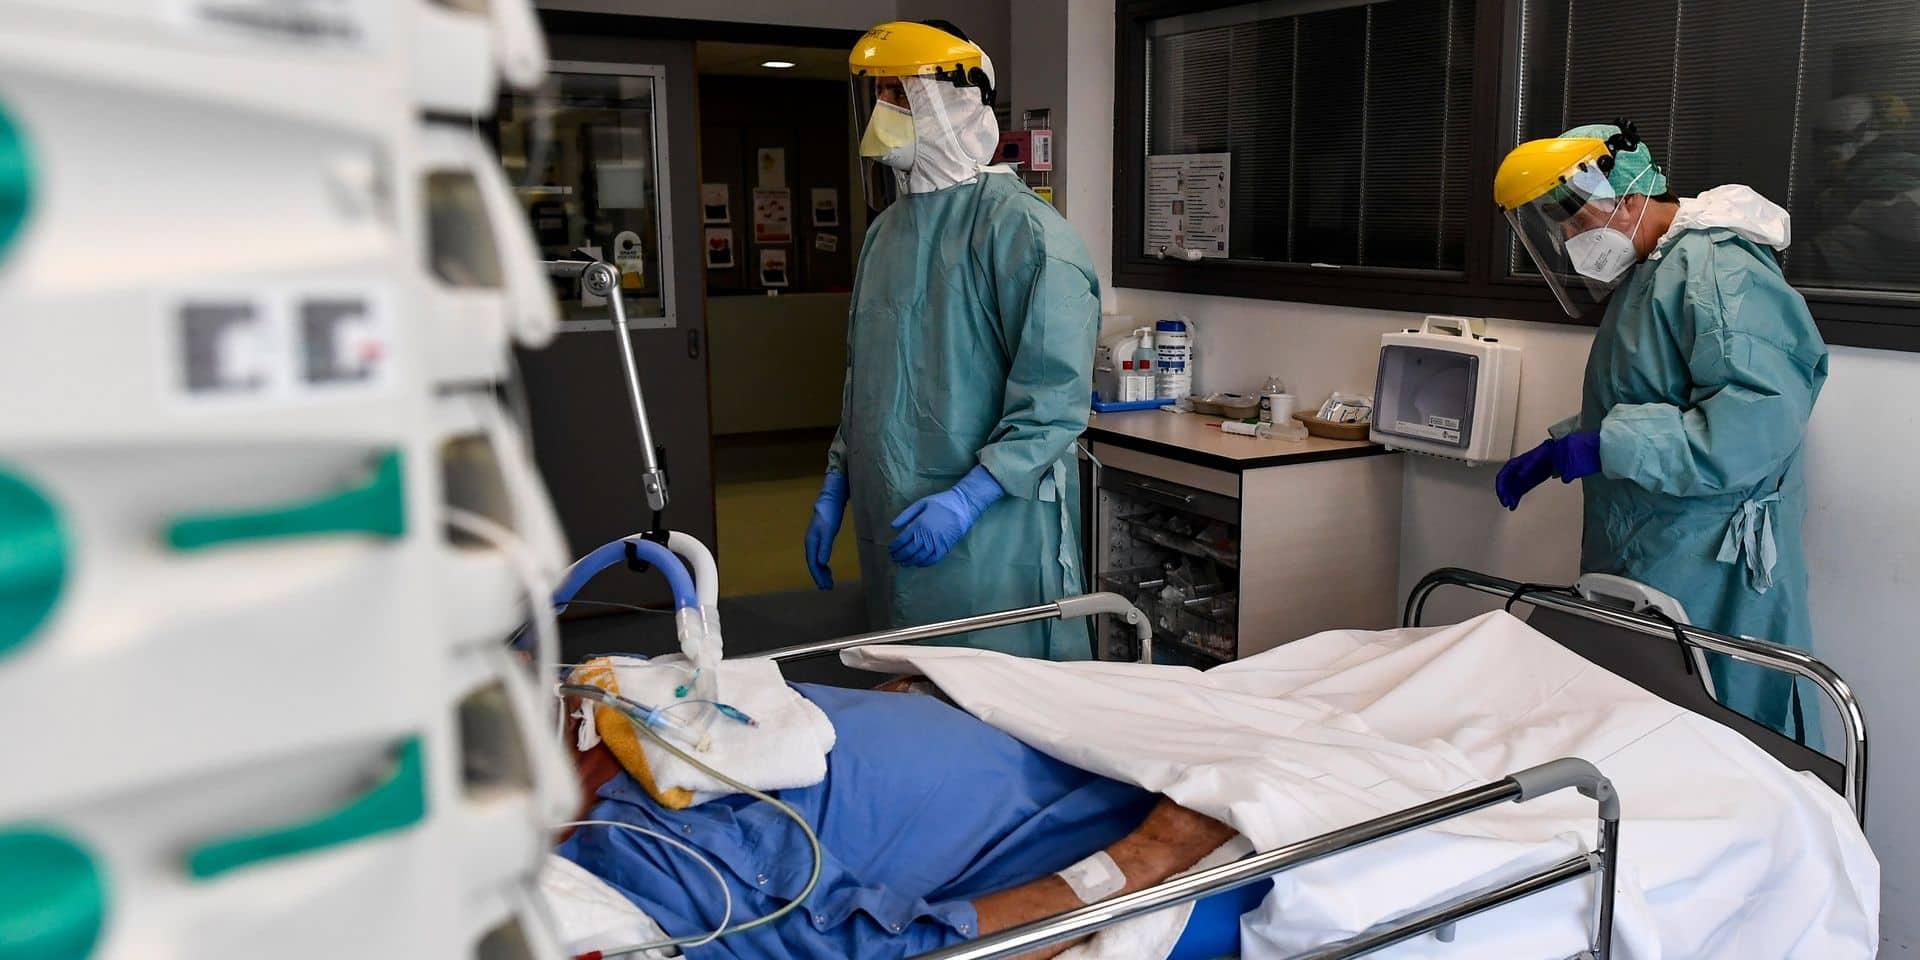 """""""Fiasco du testing"""", """"communication catastrophique"""" : la longue liste de problèmes lors de la crise du coronavirus en Belgique"""